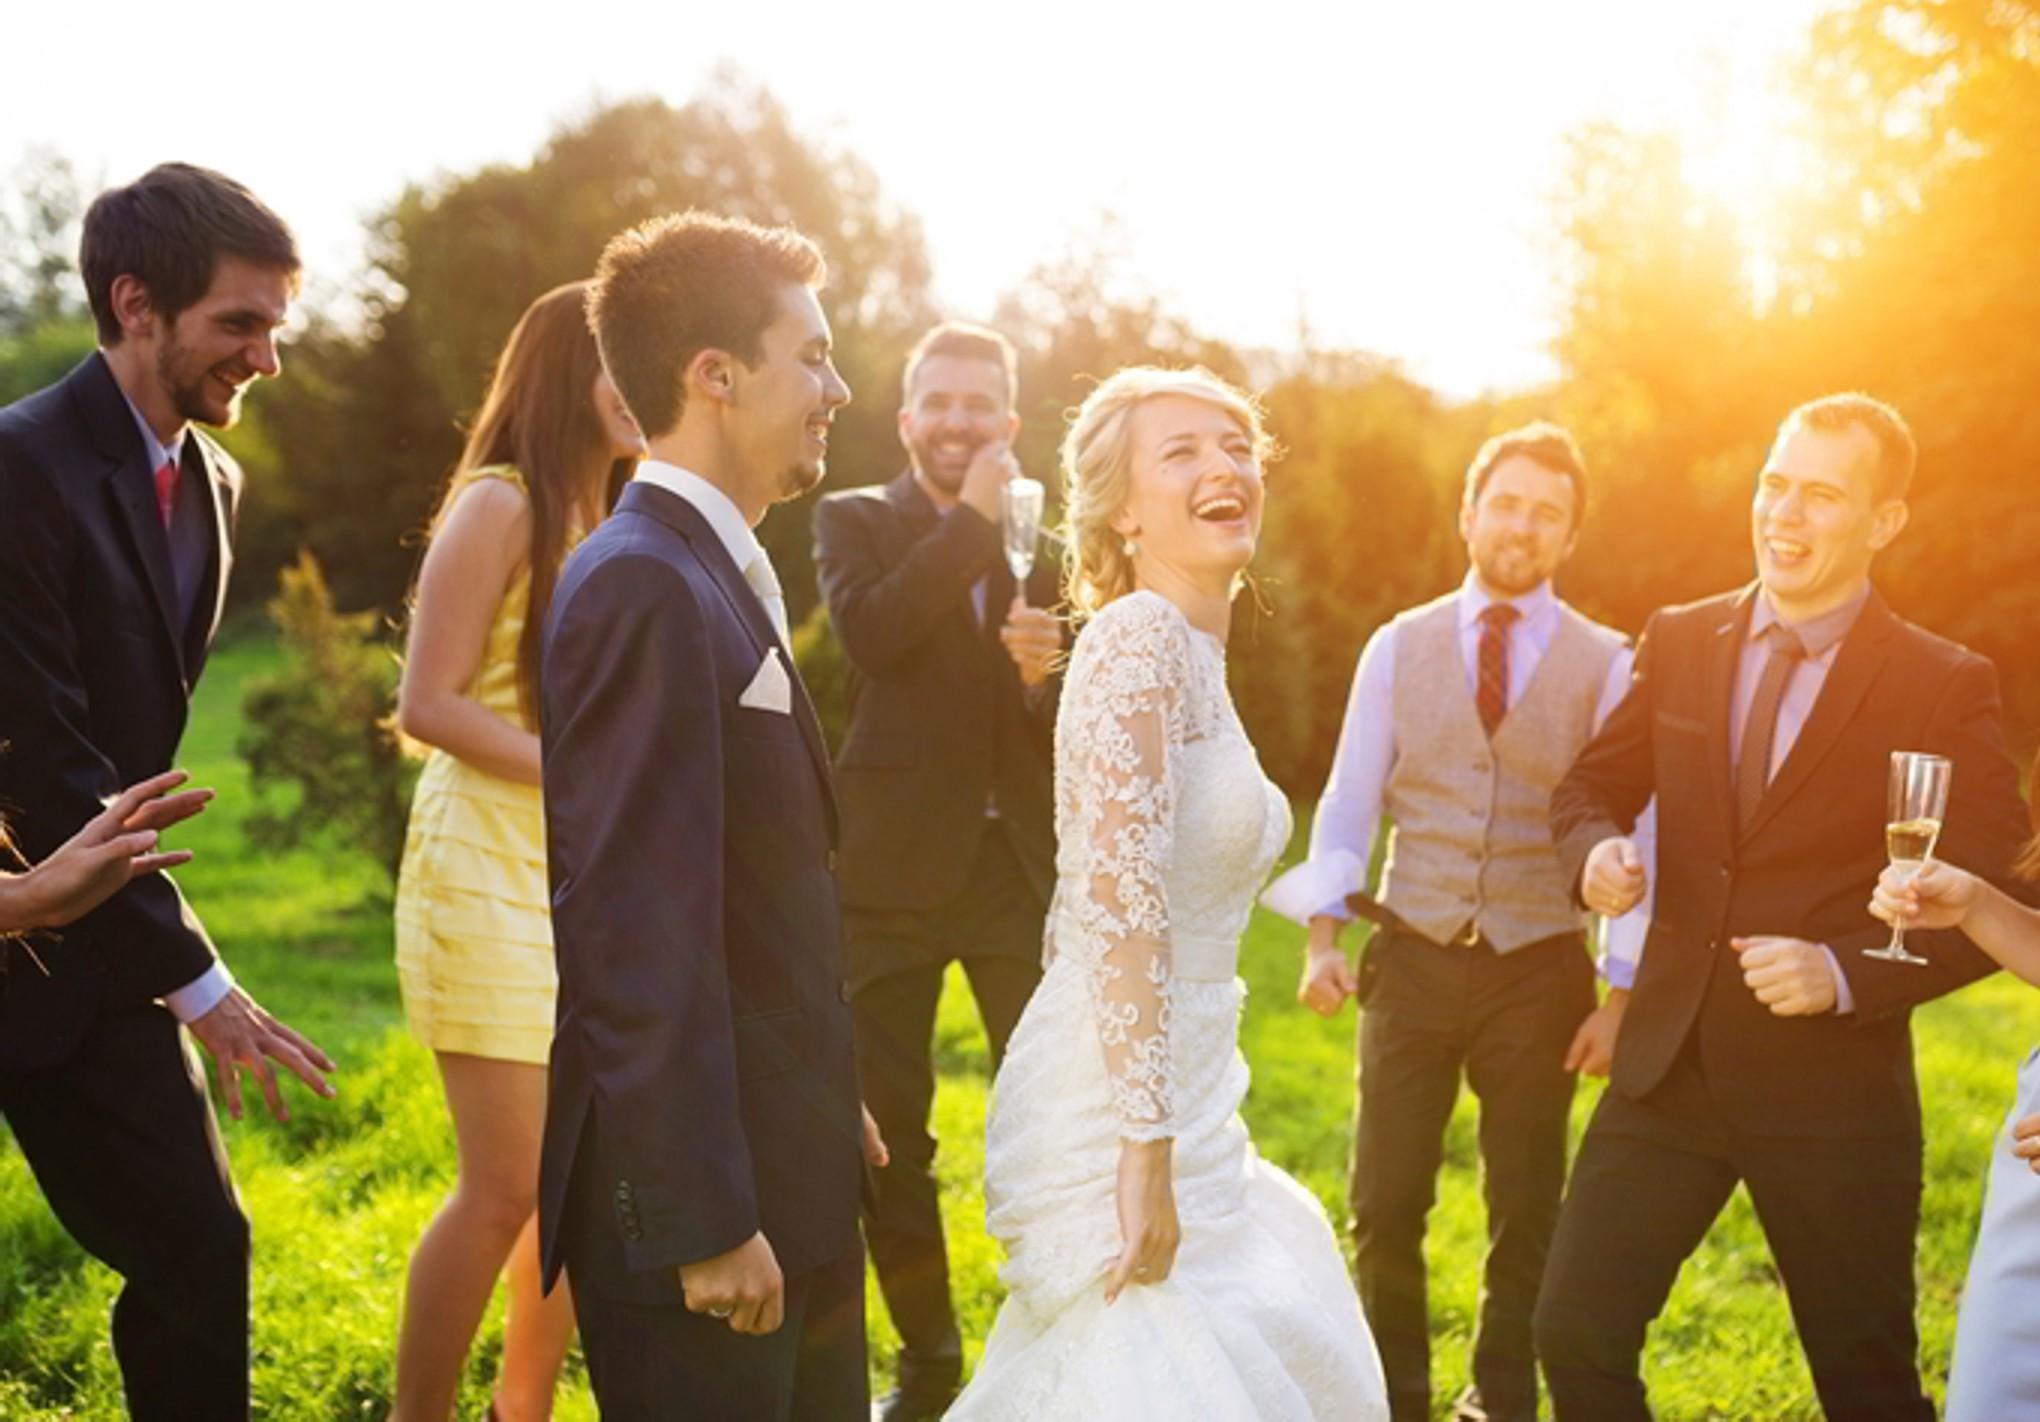 Jeux de mariage rigolo: défi de danse.